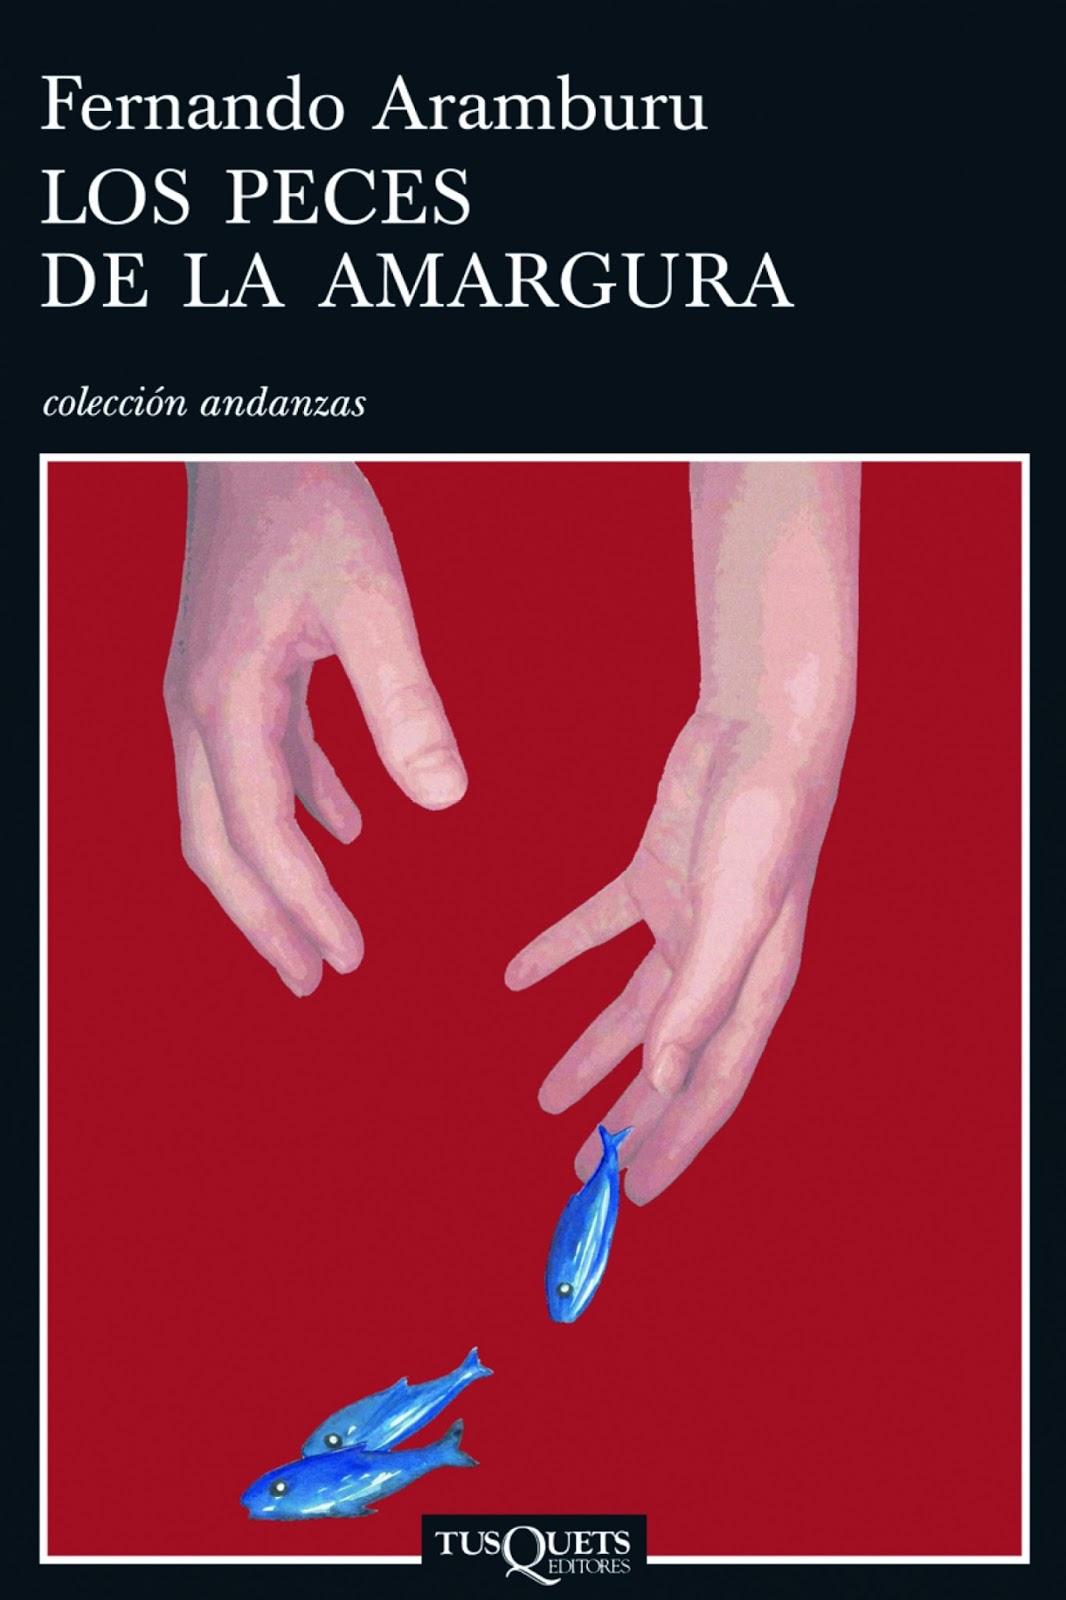 Portada del libro de cuentos Los peces de la amargura, de Fernando Aramburu